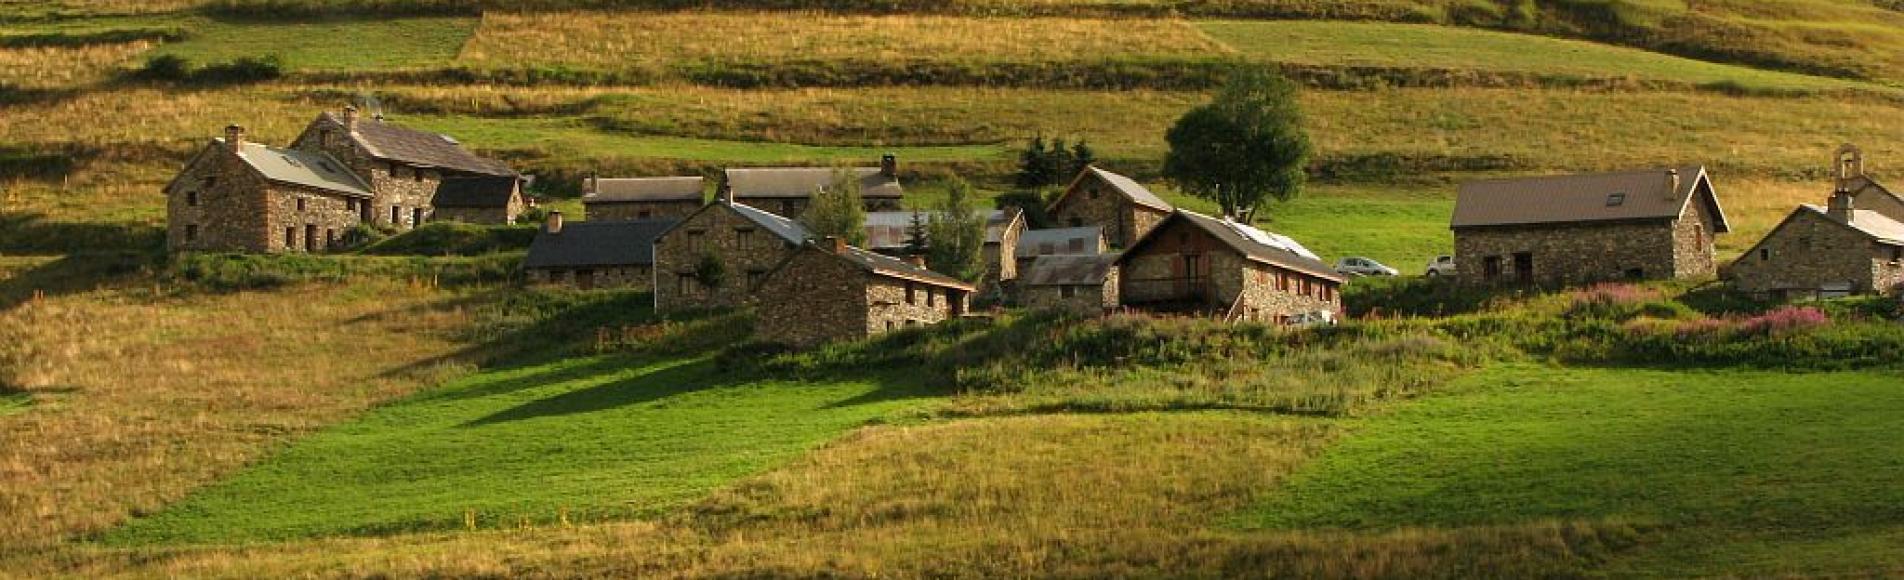 Les Rivets - hameau de La Grave - vallon du Ga après Le Chazelet - terrasses ©Christophe Albert - Parc national des Ecrins